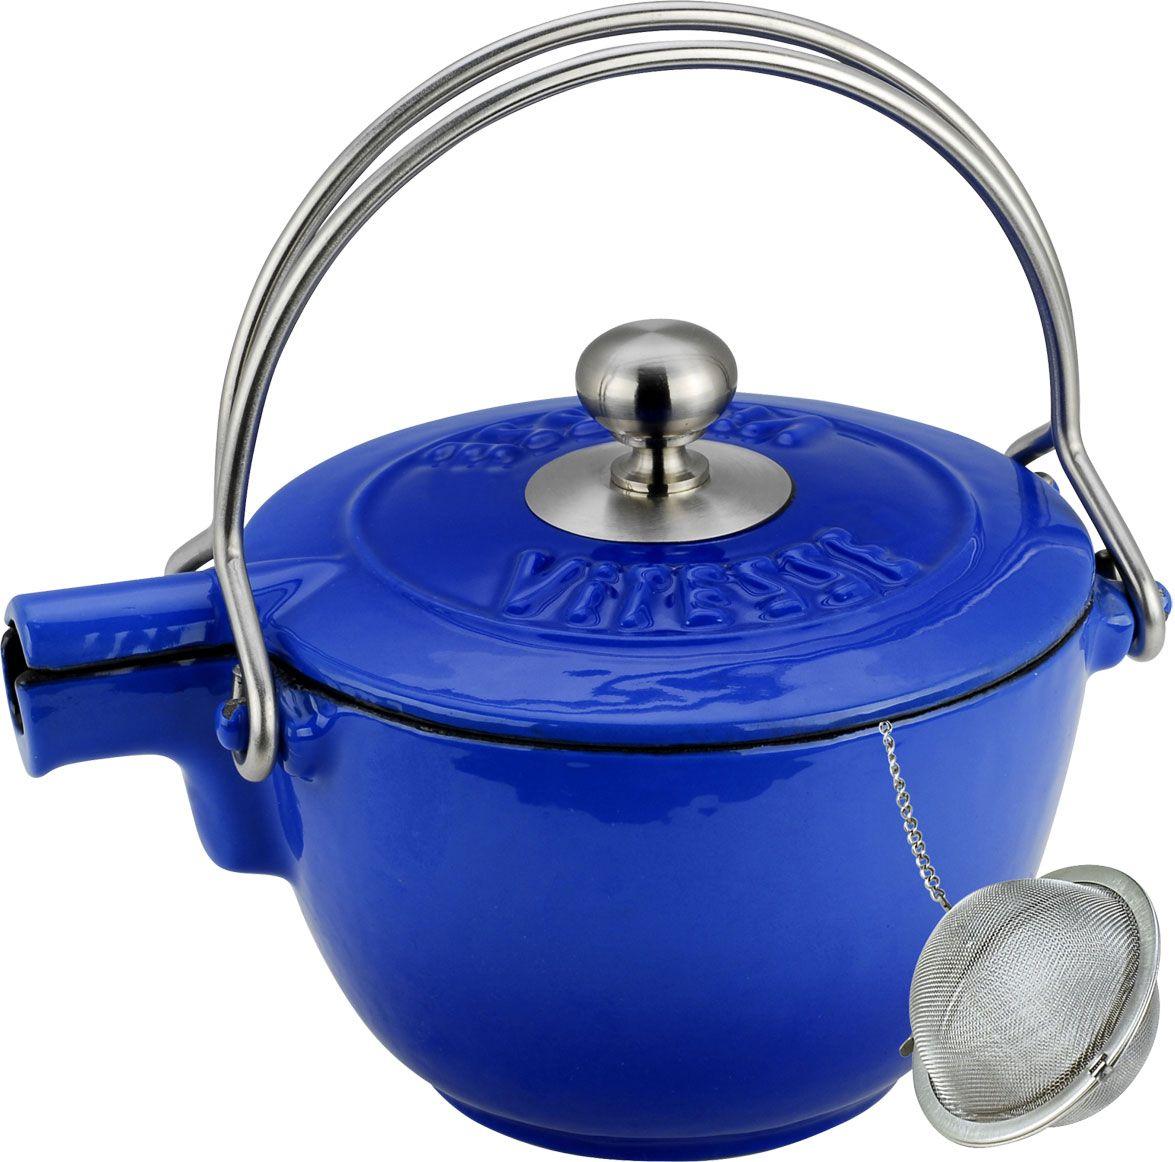 Чайник заварочный Vitesse Ferro, с ситечком, цвет: синий, 1,15 лVS-2329-blueЗаварочный чайник Vitesse Ferro изготовлен из чугуна с эмалированной внутренней и внешней поверхностью. Эмалированный чугун - это железо,на которое наложено прочное стекловидное эмалевое покрытие. Такая посуда отлично подходит для приготовления традиционной здоровой пищи.Чугун является наилучшим материалом, который долго удерживает и равномерно распределяет тепло. Благодаря особым качествам эмали, чемдольше вы используете посуду, тем лучше становятся ее эксплуатационные характеристики. Чугун обладает высокой прочностью,износоустойчивостью и антикоррозийными свойствами.Чайник оснащен двумя металлическими ручками и крышкой. Металлическое ситечко на цепочке с крючком - в комплекте.Можно готовить на газовых, электрических, стеклокерамических, галогенных, индукционных плитах. Подходит для мытья в посудомоечноймашине. Высота чайника (без учета ручки и крышки): 10,5 см.Диаметр чайника (по верхнему краю): 15,5 см.Диаметр ситечка: 6 см.